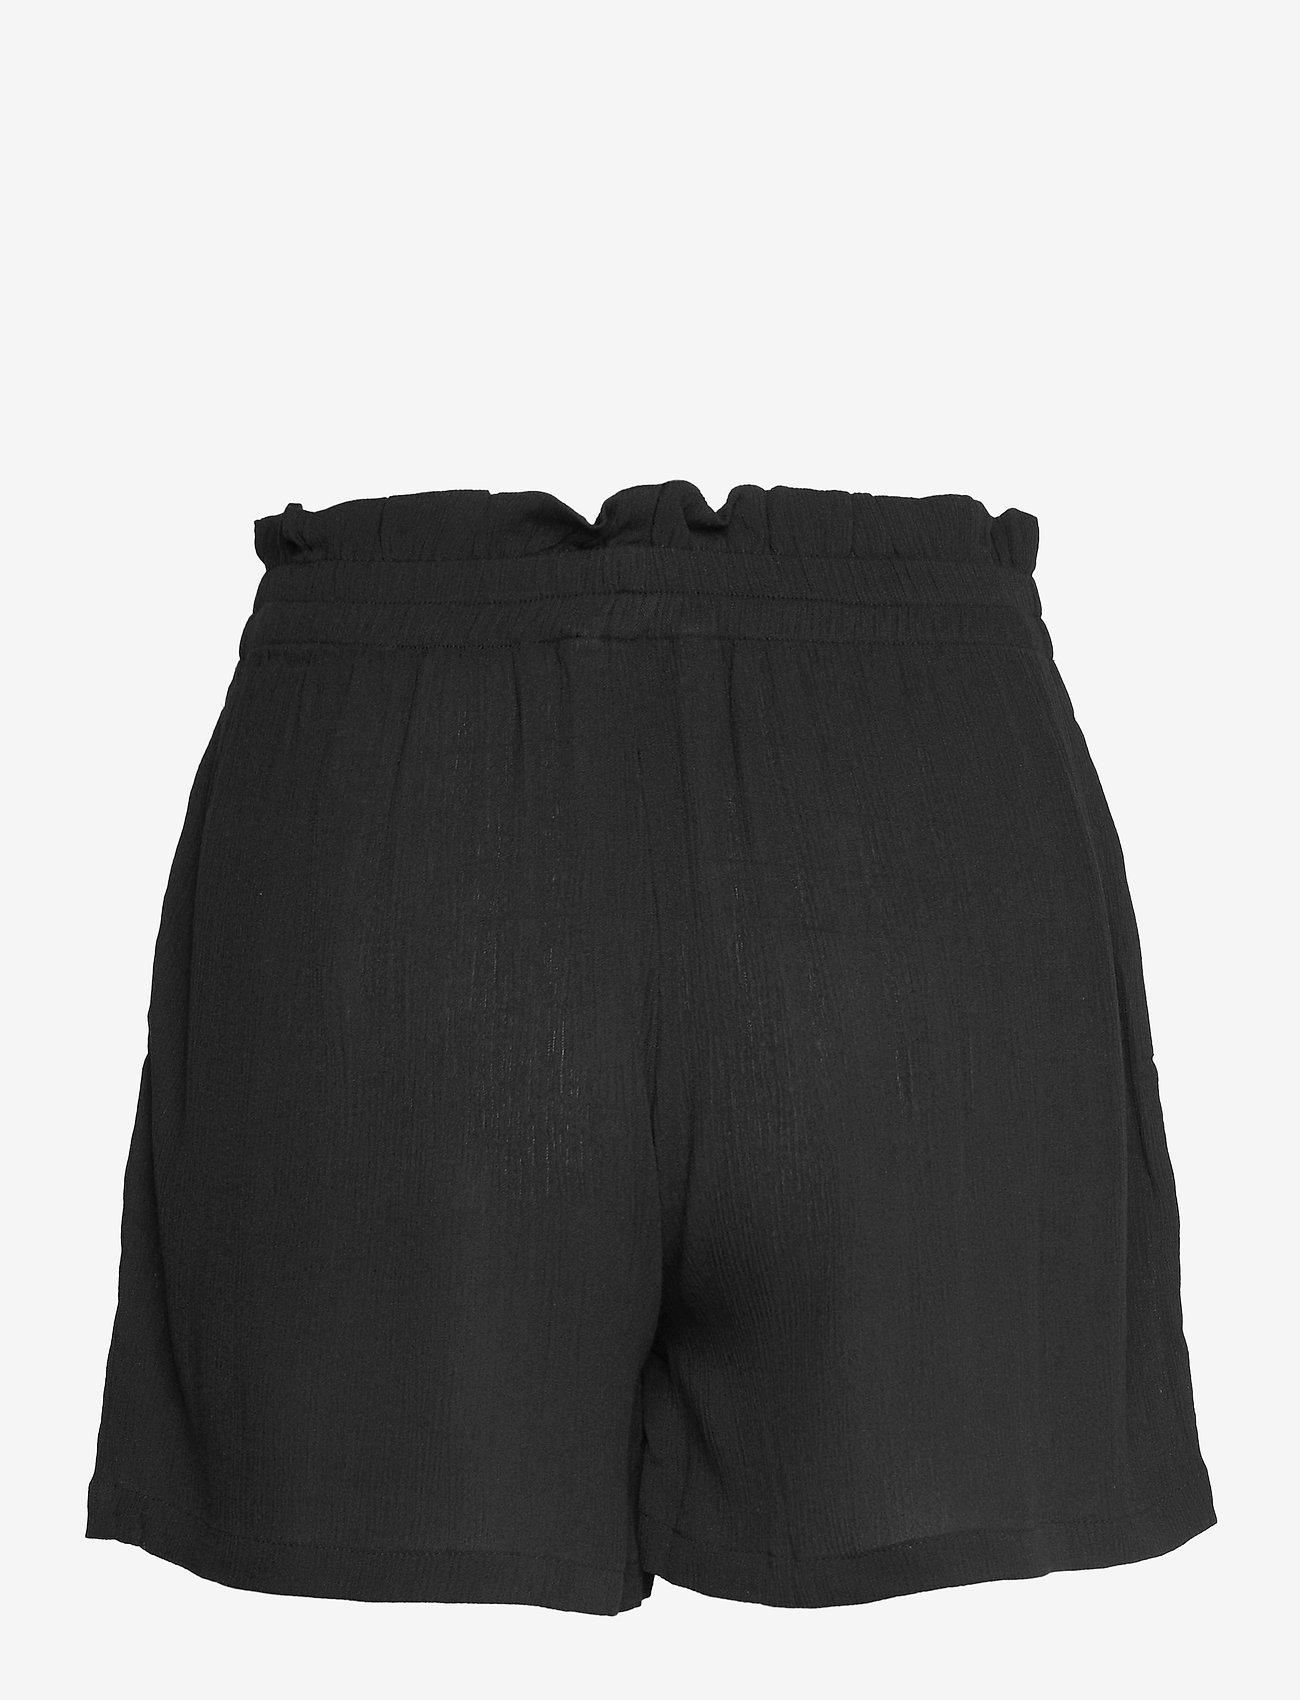 SPARKZ COPENHAGEN - INKA SHORTS - shorts casual - black - 1